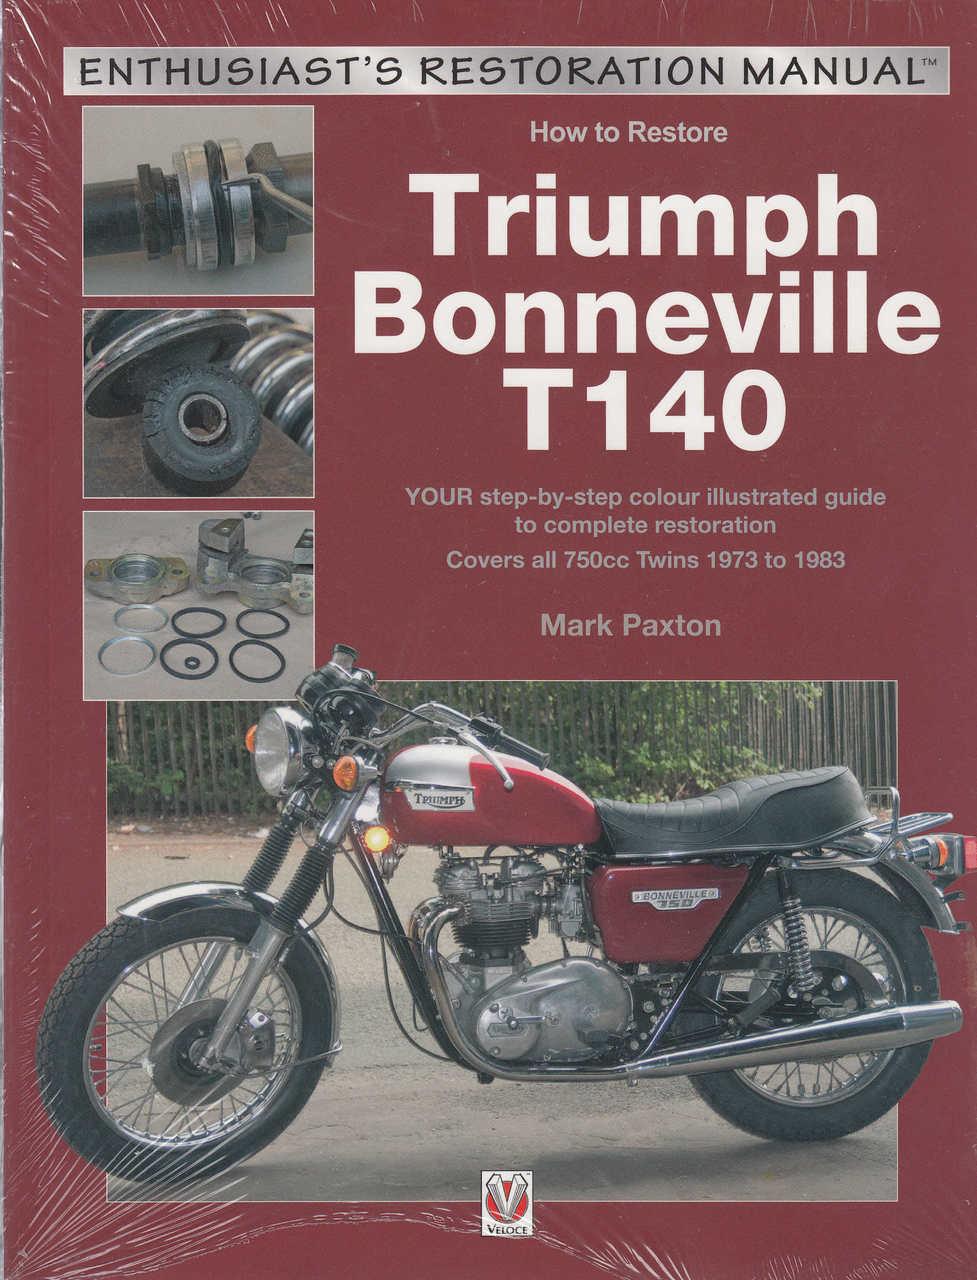 Triumph Bonneville T140 Enthusiasts Restoration Manual